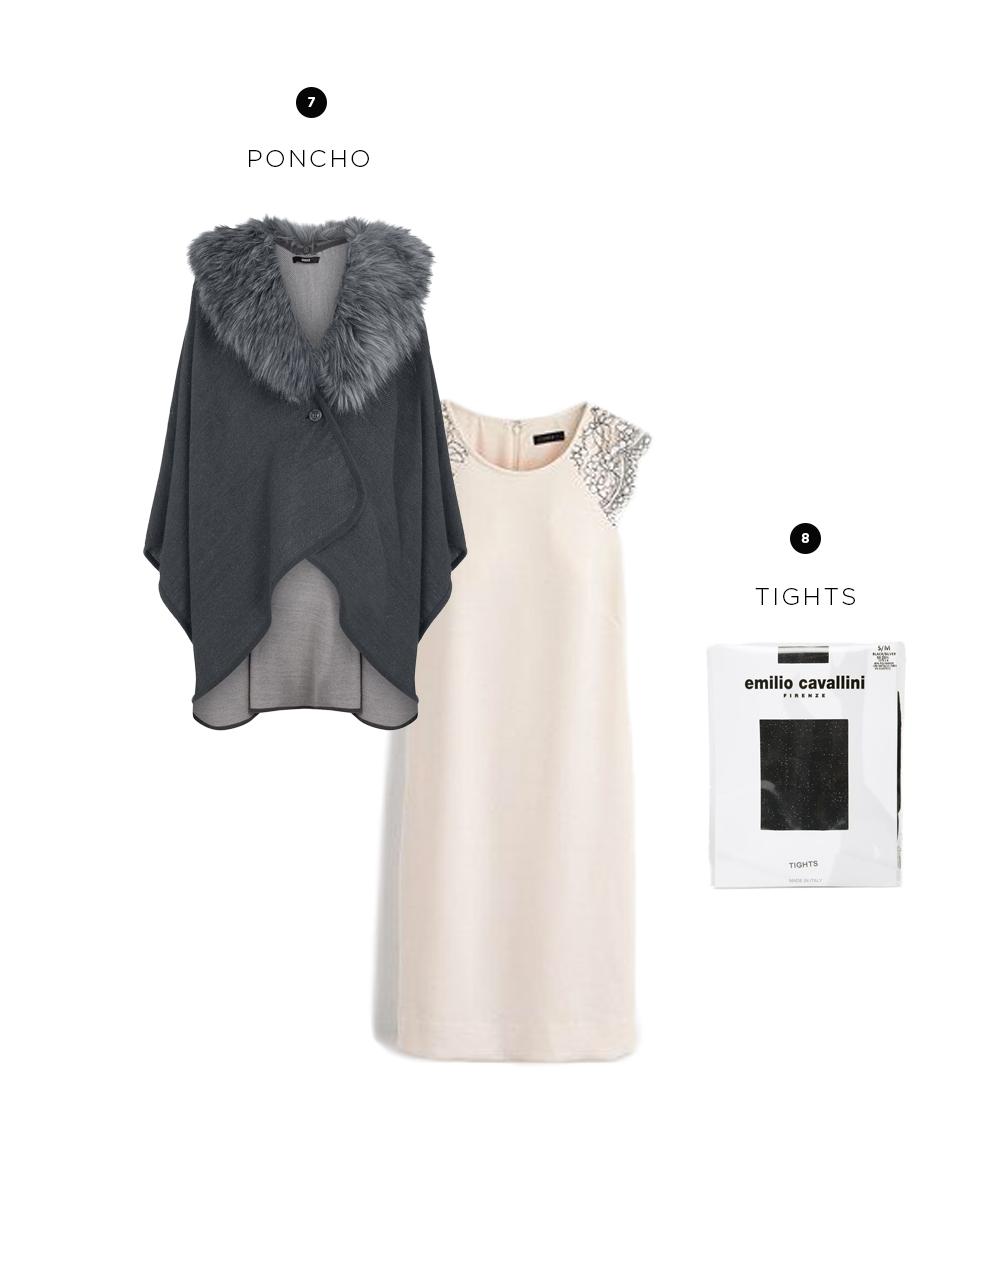 Dress: J.Crew, $158/ 7. Oasis, $62 / 8. Asos, $26